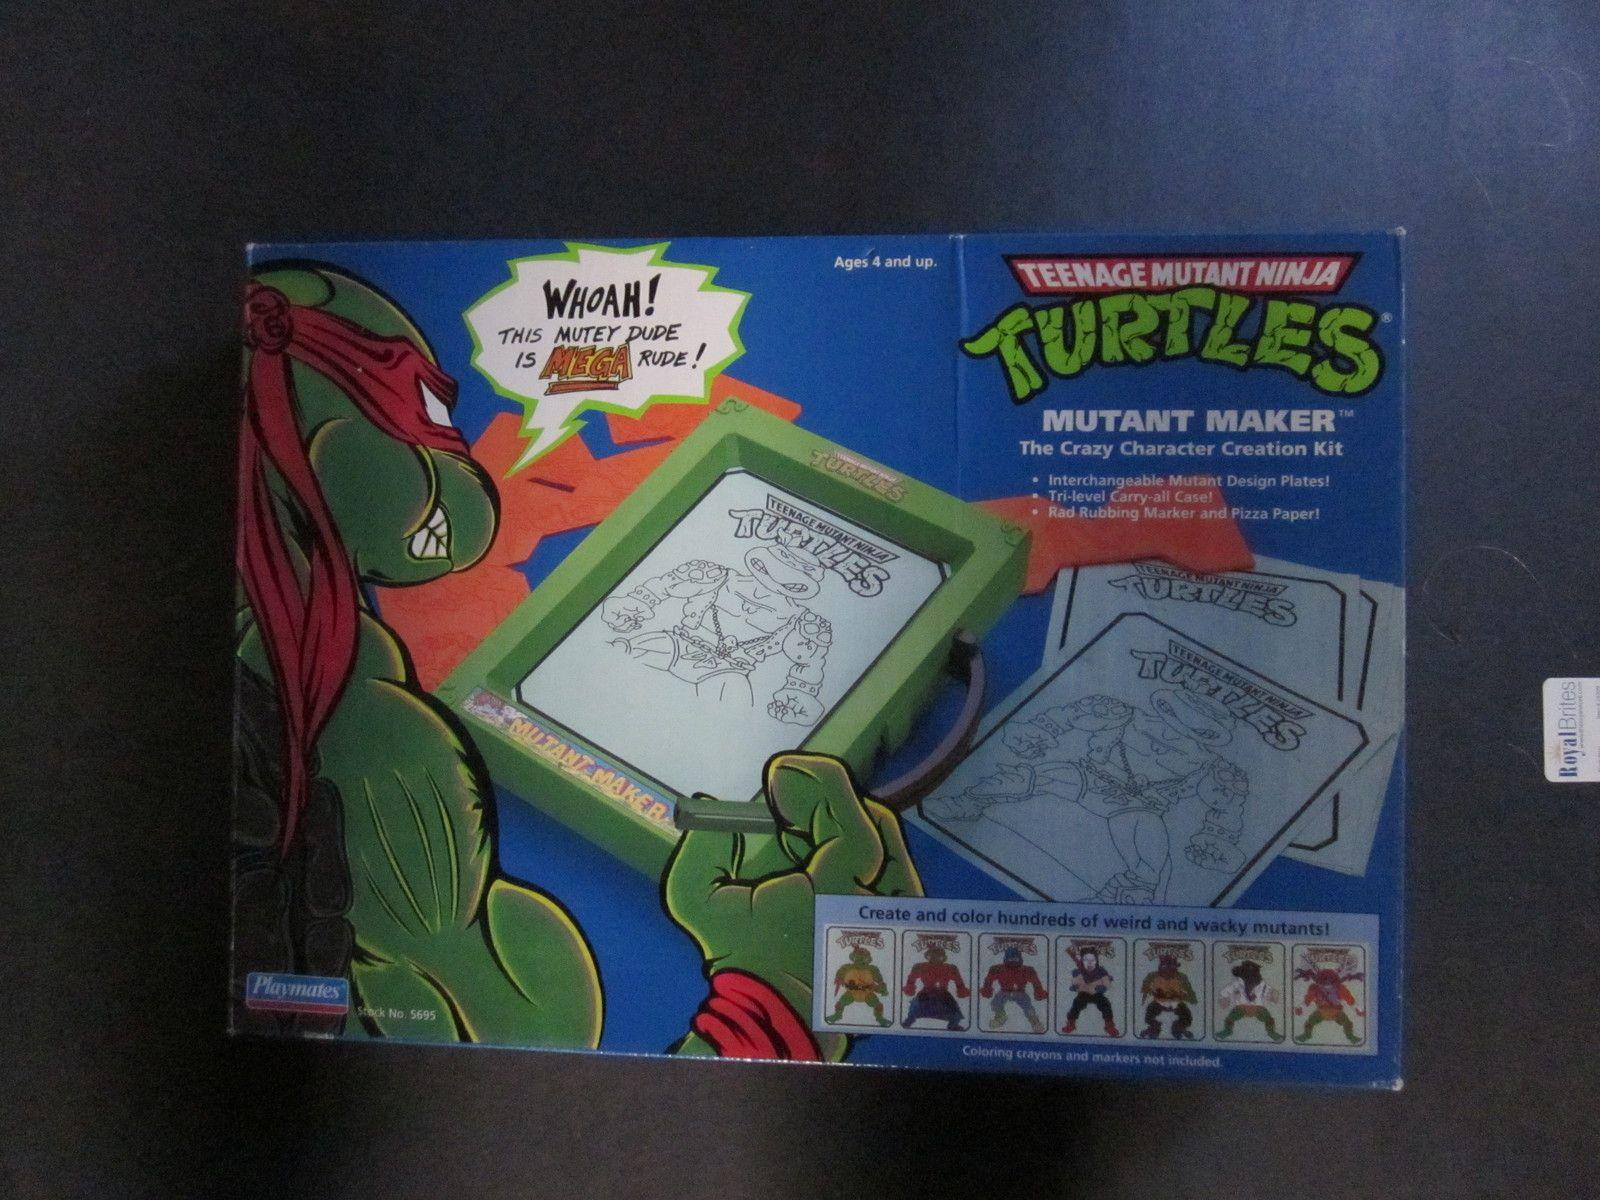 price slashed. TMNT Mutant Maker Crazy Character Creation Kit -- vintage 1990 | eBay